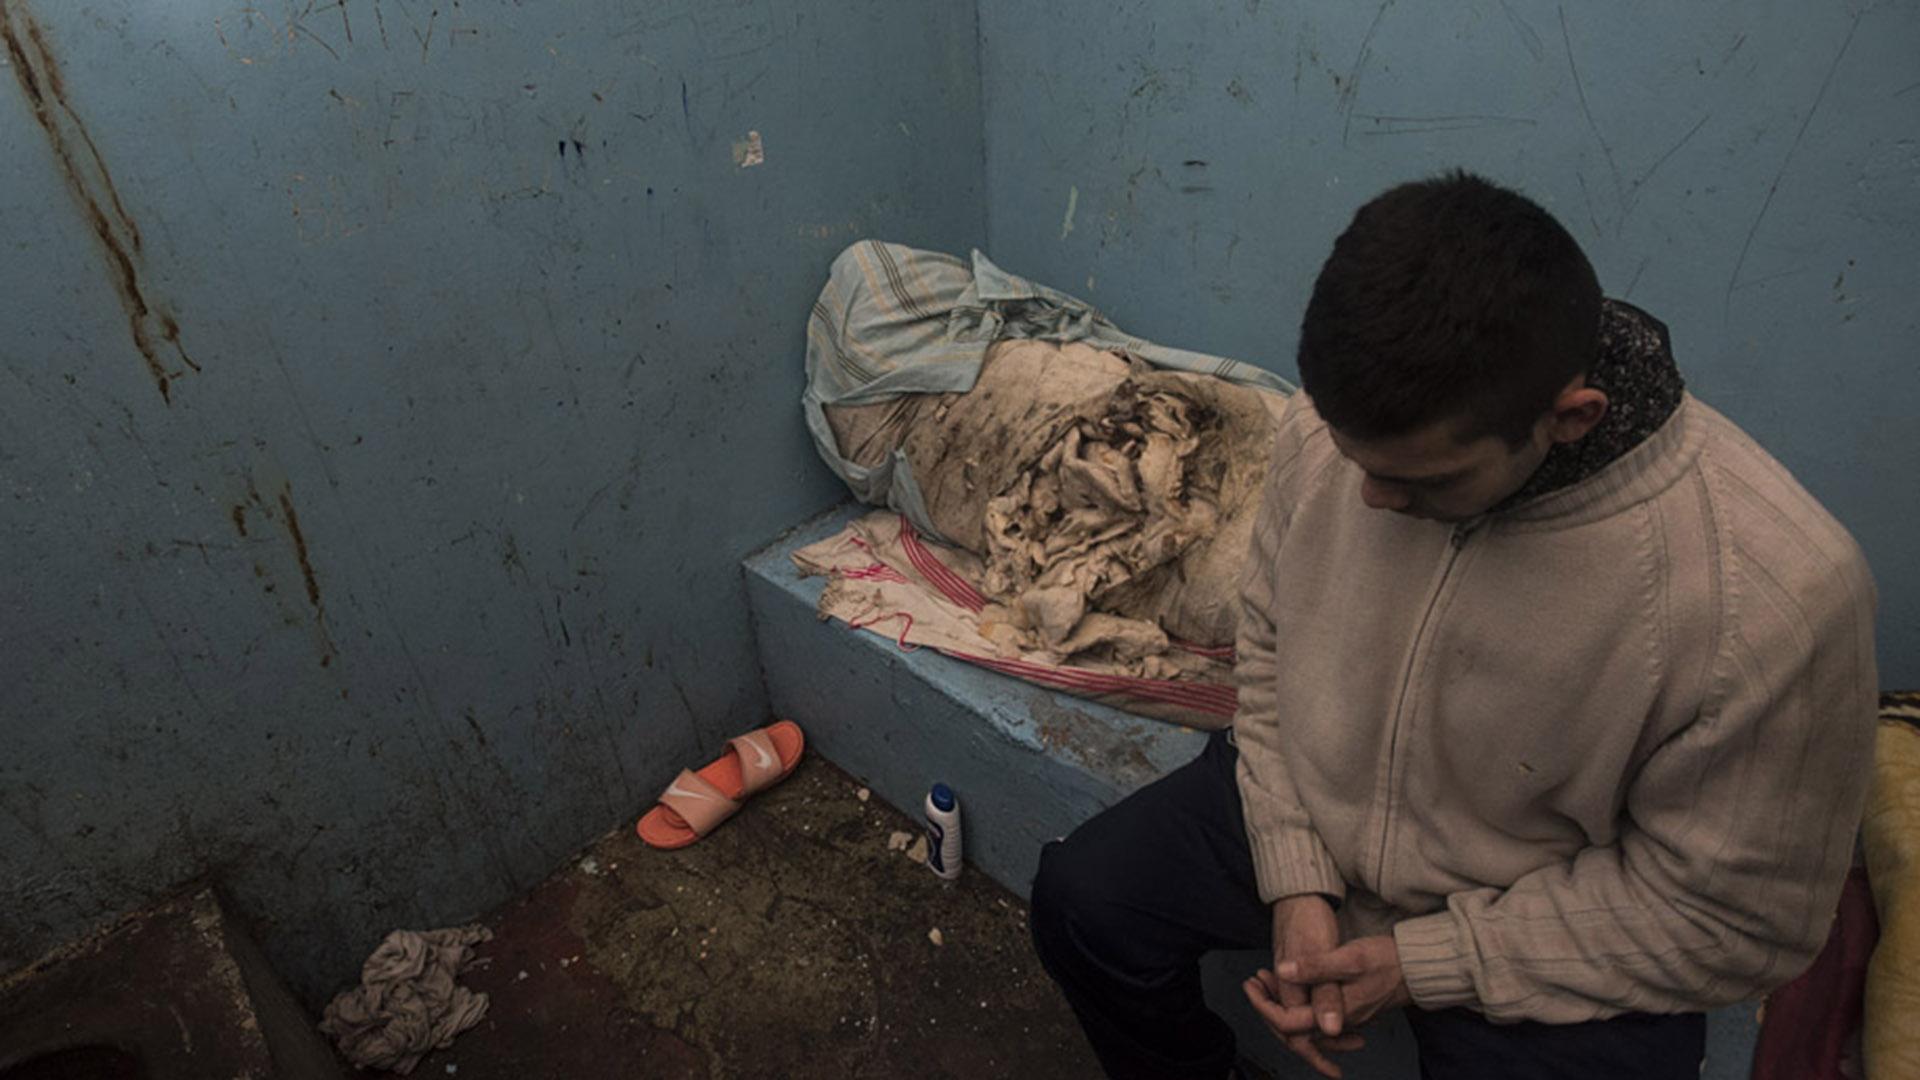 Algunos presos reclamaron atención médica y aseguraron no haberla recibido.